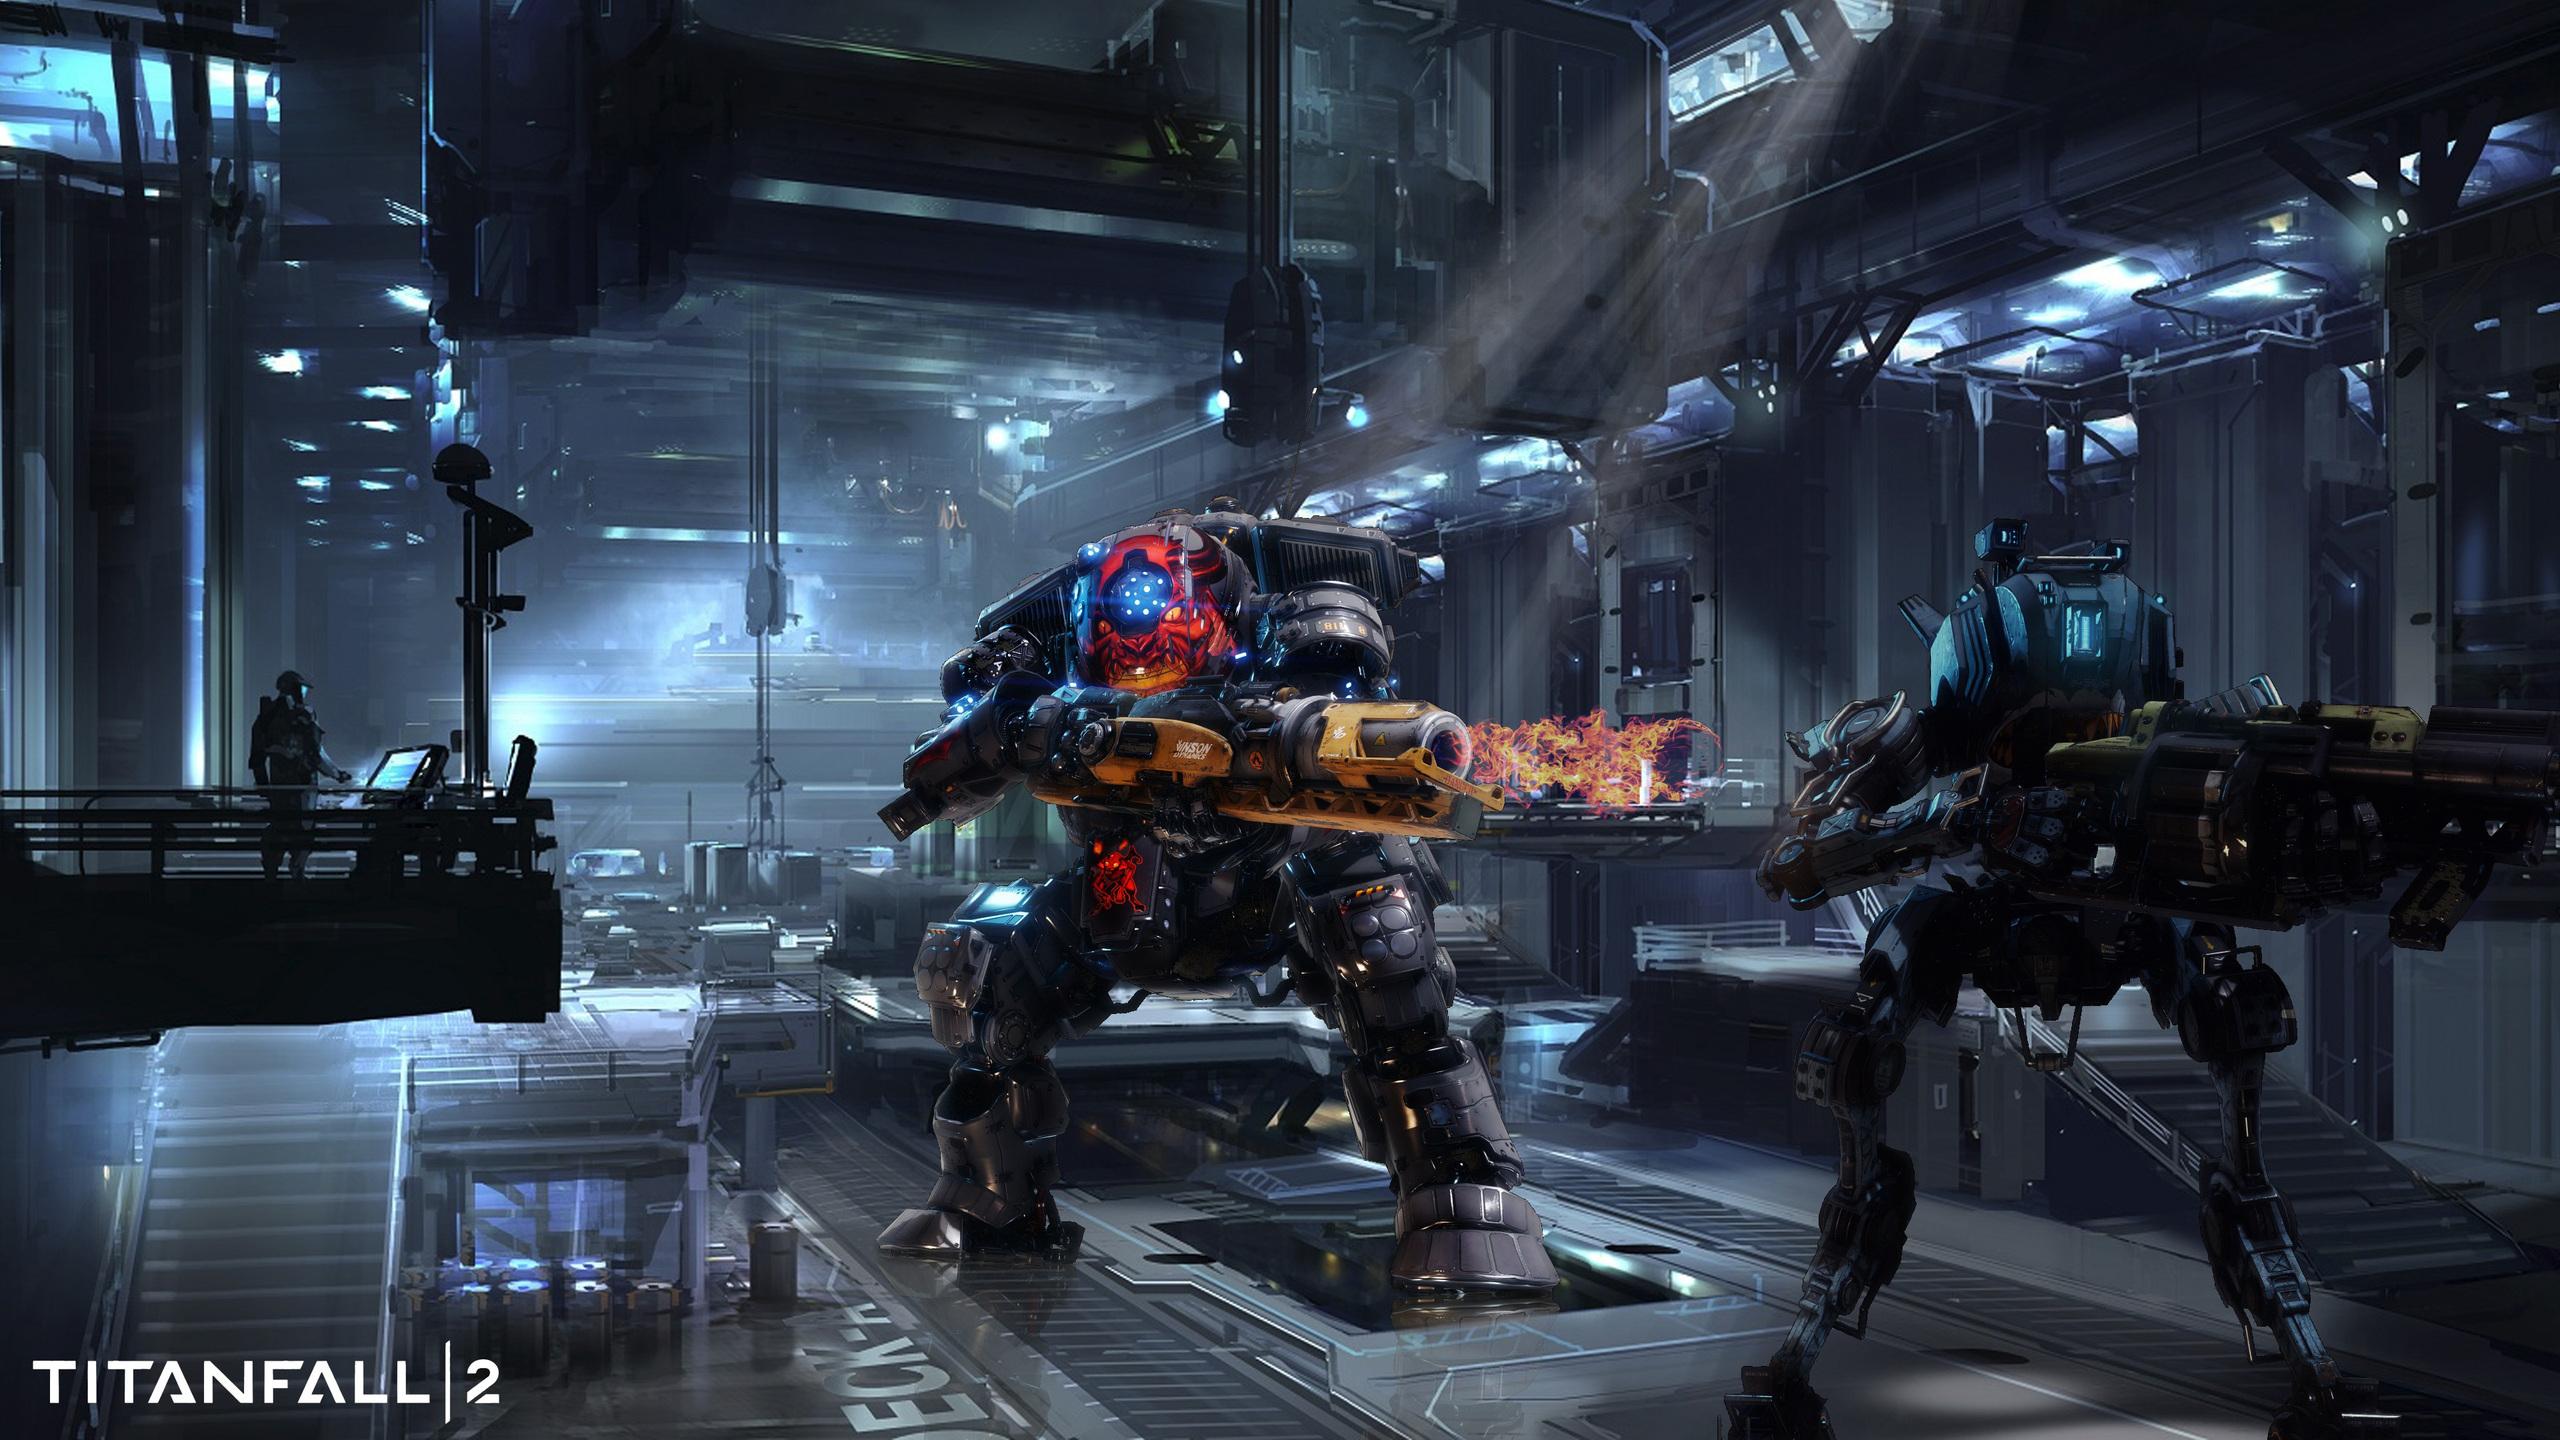 titanfall-2-game-4k-pic.jpg